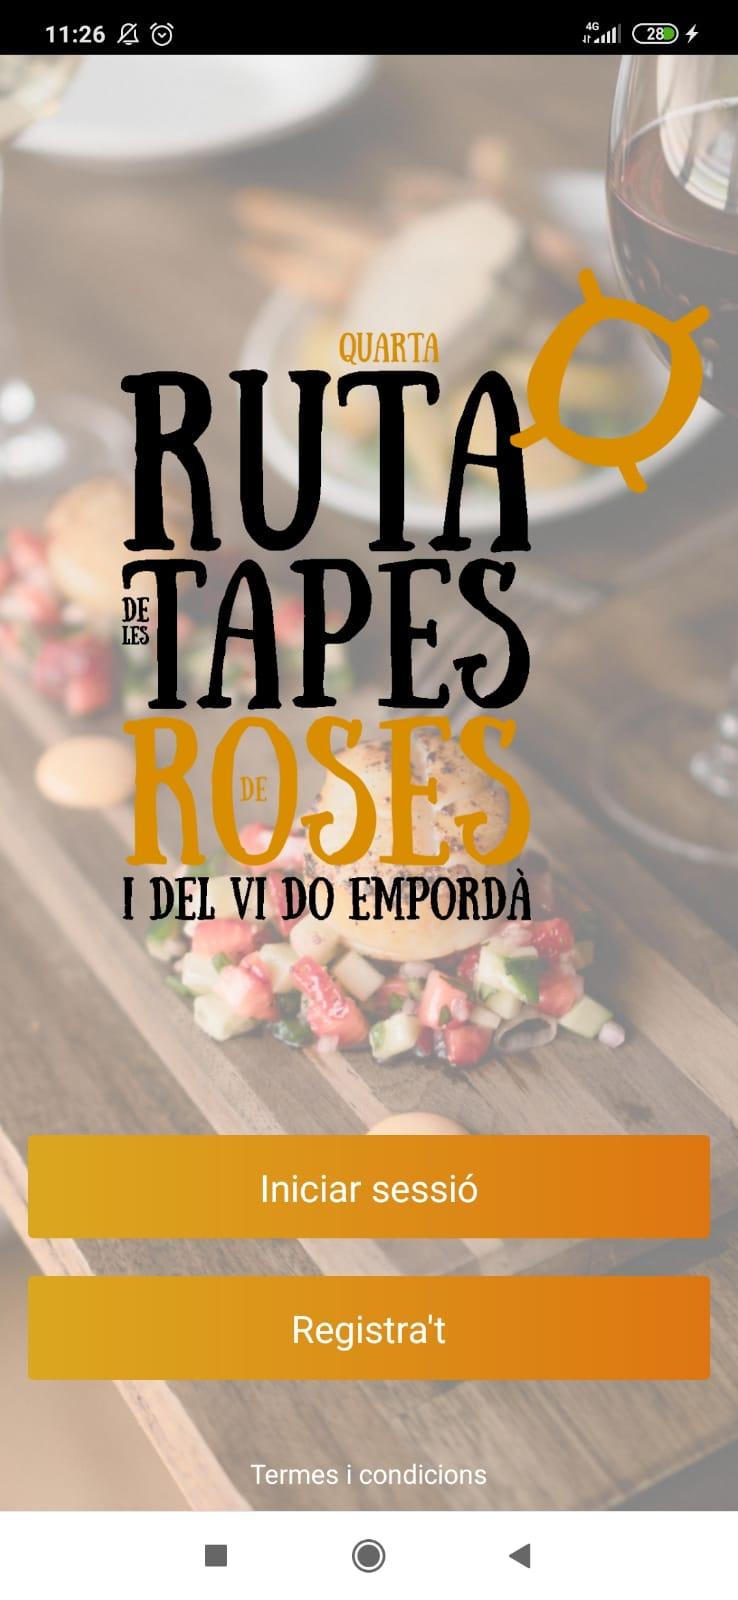 La Ruta de Tapes de Roses comptarà amb una nova App mòbil